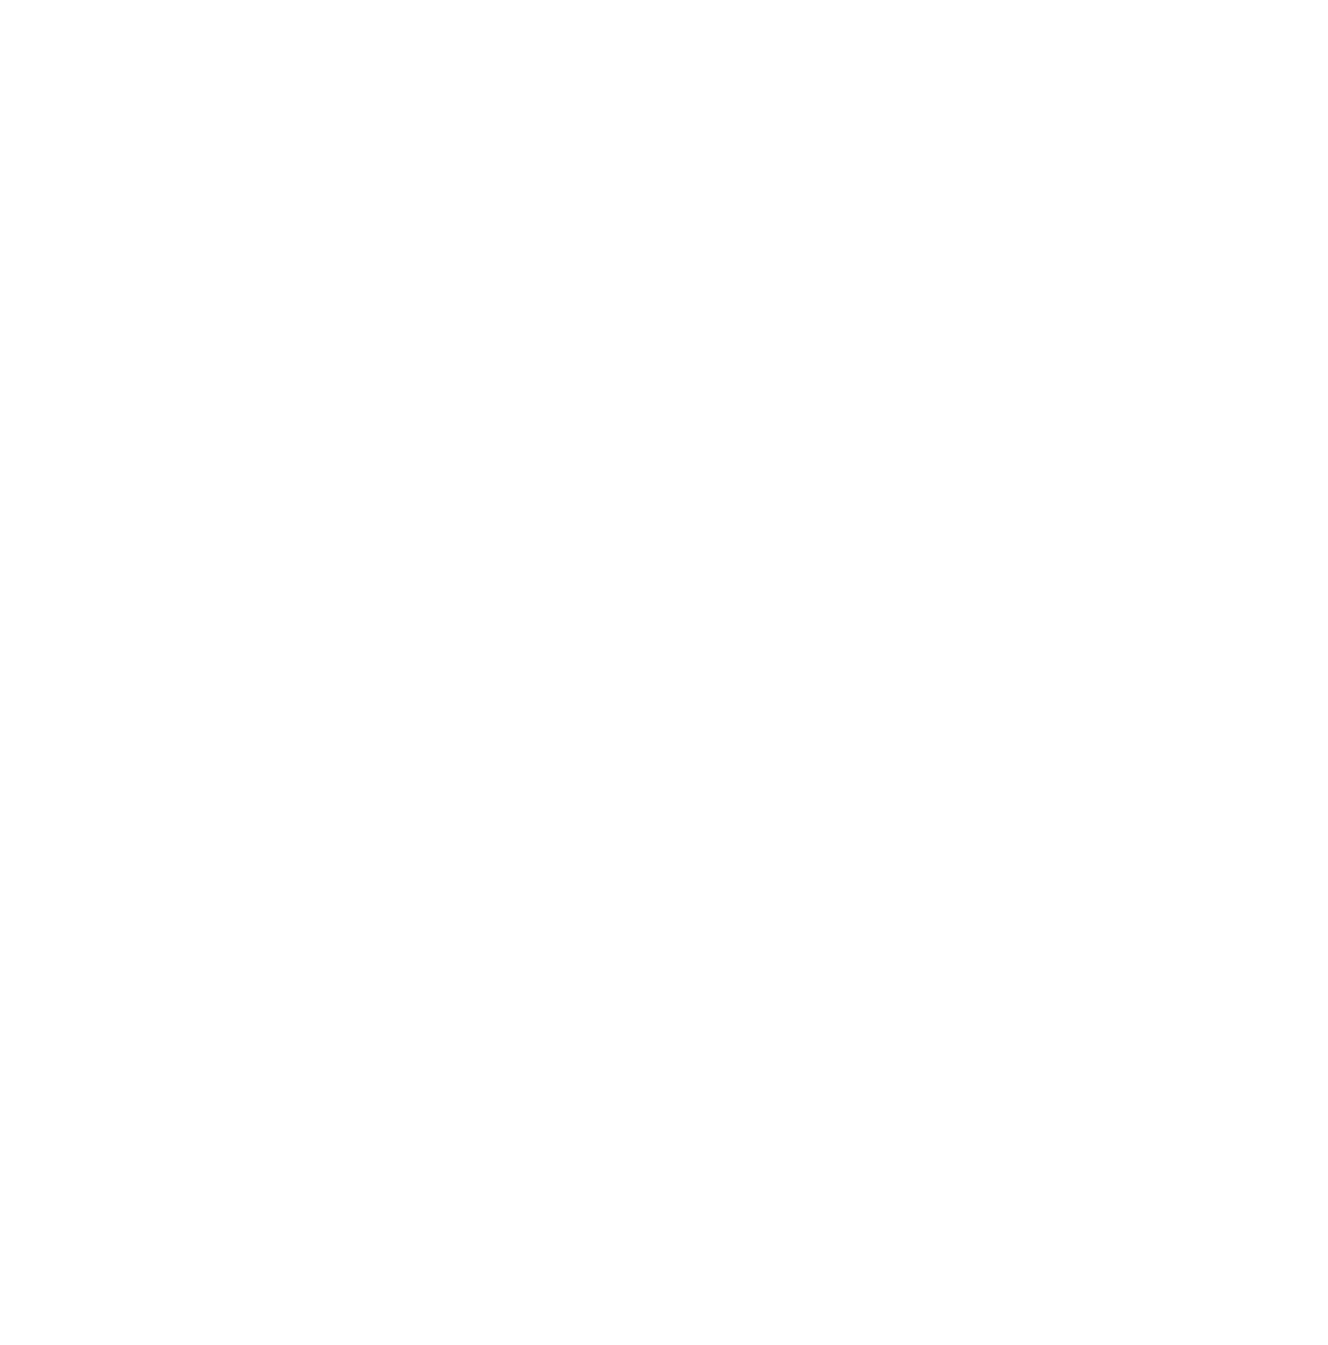 Marc Keeling